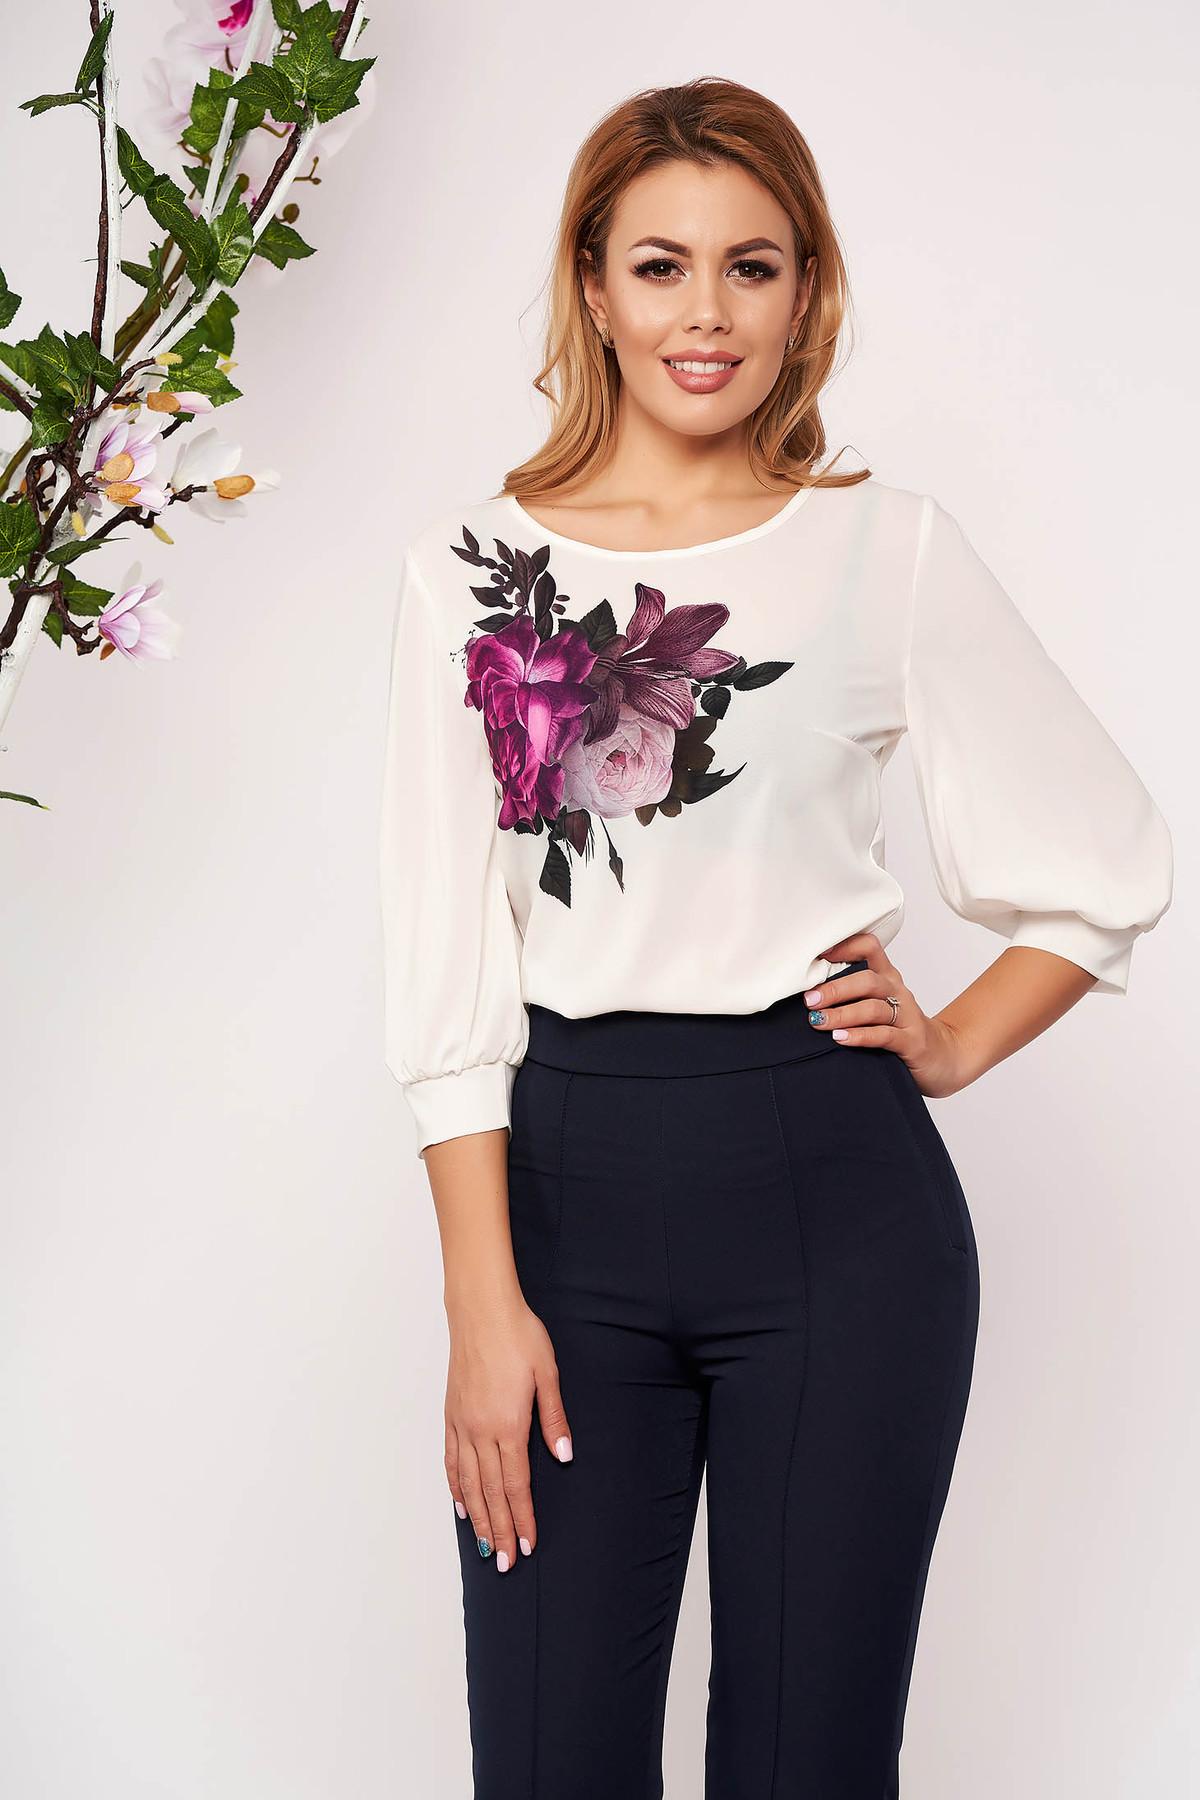 Bluza dama StarShinerS alba casual eleganta cu imprimeuri florale cu maneci trei-sferturi si decolteu la baza gatului